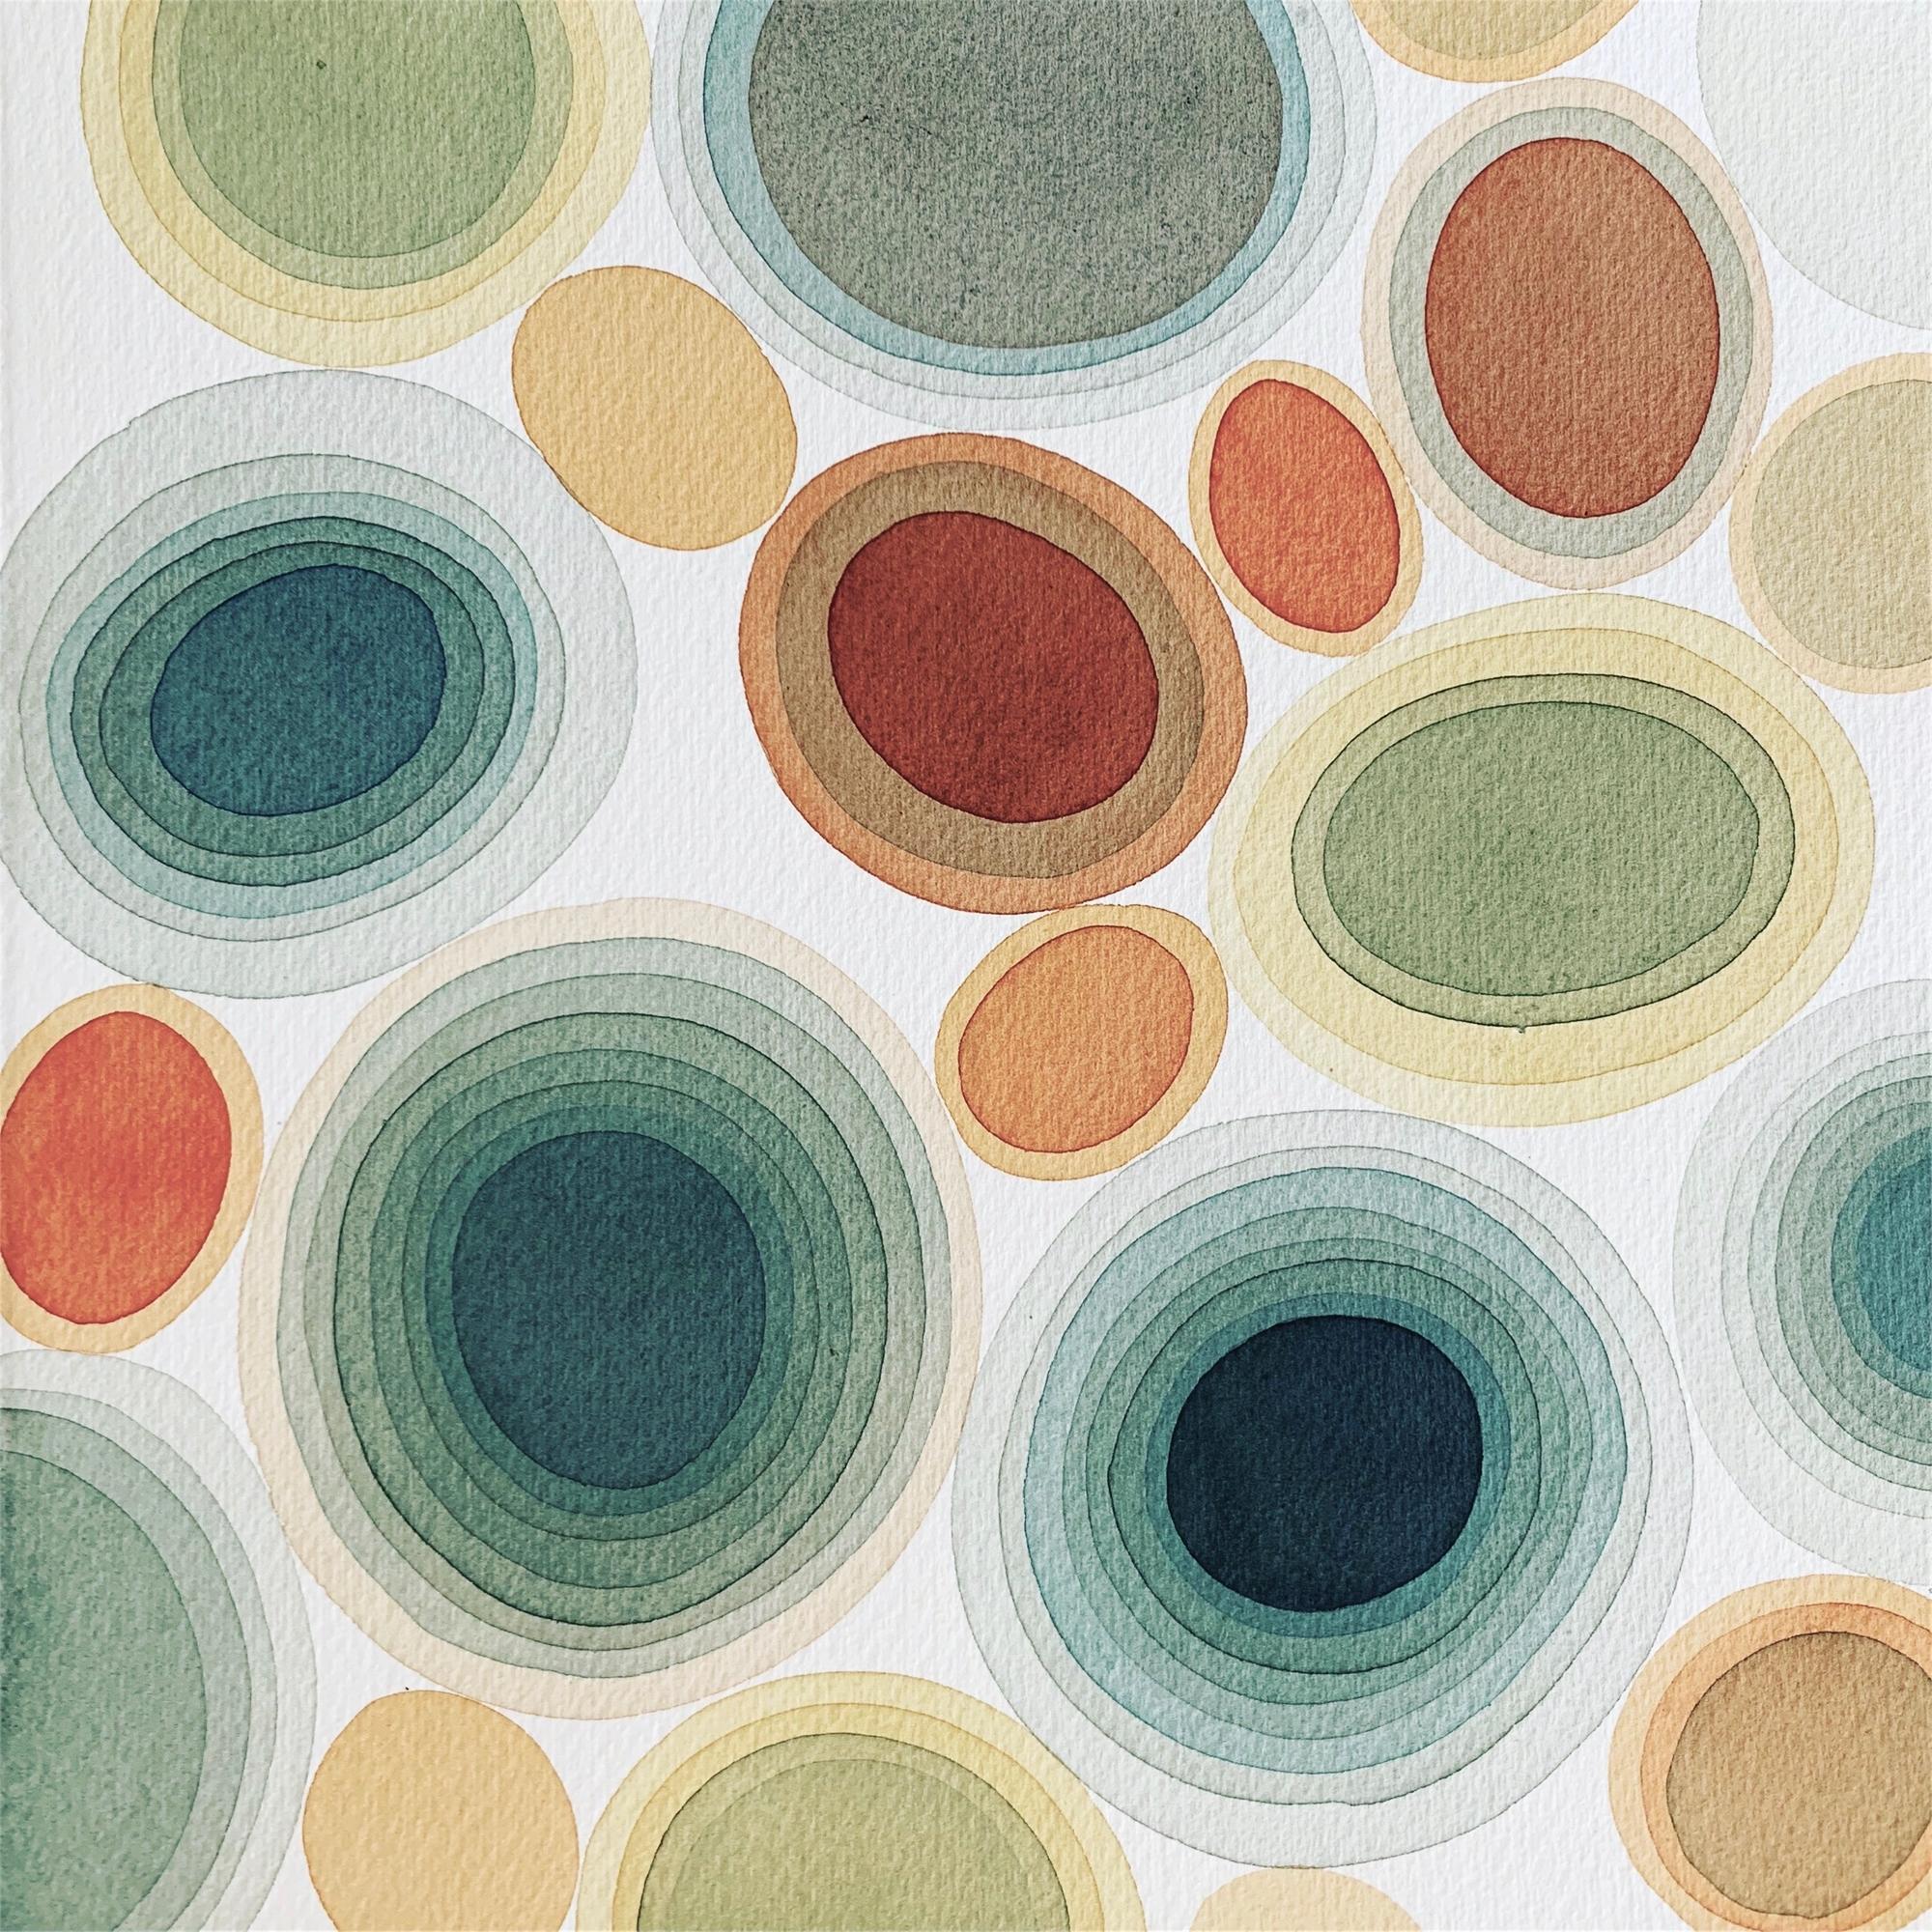 Naranjo II by Jan Heaton